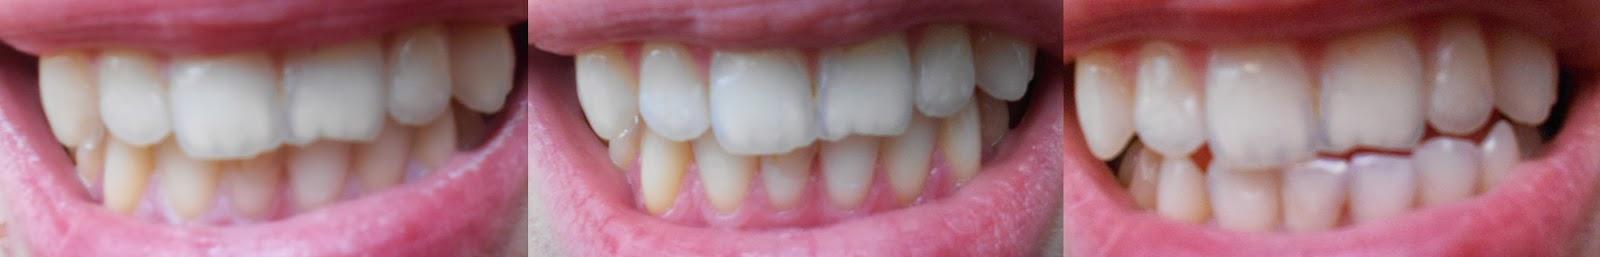 Dzisiaj chciałabym Wam opowiedzieć o paskach wybielających zęby, które zastosowałam kilka dni temu. Crest to ta sama firma co Blend-a-med, tylko taką nazwę ma w USA i w Niemczech. Ja kupiłam 14 sztuk pasków (po 7 na górę i na dół) na allegro za około 40 zł. Jest to kuracja 7-dniowa.      jak stosuje się paski? - Najlepiej bezpośrednio przed założeniem pasków nie szczotkować ich, to zmniejsza znacząco ryzyko uwrażliwienia zębów. - Dobrze jest w czasie wybielania używać miękkiej szczotki do zębów i pasty przeznaczonej do wrażliwych zębów (ze swojej strony polecam pastę elmex SENSITIVE PLUS i meridol). - Ograniczyć szczotkowania zębów do minimum - dwa razy dziennie. - Zęby powinny być suche przed użyciem pasków. - Należy umyć ręce po nałożeniu pasków, by nie uległy one wybieleniu. - Paski zakładamy dwa razy dziennie po 30 minut.     Myślę, że również dobrze jest w czasie wybielania zrezygnować z posiłków, napojów, które zwykle powodują, że zęby żółkną: kawa, mocna herbata, soki marchewkowe, sosy pomidorowe itp.  Przed wybielaniem trzeba pozbyć się wszelkiego kamienia z zębów, bo w miejscach w którym on występują zęby się nie wybielą!  Minusy  Niestety ten produkt ma jeden bardzo istotny minus - uwrażliwia zęby, dlatego sporo osób szybko z niego rezygnuje. U mnie ból nie był jakiś bardzo duży i zniknął po około dwóch dniach. Myślę, że trzymając się zasad, które wymieniłam powyżej można to ryzyko bardzo zminimalizować.  Efekty  Przed kuracją nie miałam bardzo żółtych zębów, ale chciałam mieć śnieżno-białe. Szczerze to na początku stosowania tych pasków nie widziałam żadnych efektów. Stosowałam, bo skoro wydałam już troszkę pieniążków na nie, to szkoda było mi zrezygnować. Myślę, że po zdjęciach widać jakąś tam różnice, dla mnie najbardziej pomogło wybielenie pewnej czarnej plamki, która zniknęła całkowicie! Jak dla mnie wybielenie mogłoby być większe, ale jak za taką cenę za wybielanie to nie jest źle. Nie piję jednak kawy ani mocnej herbaty, nie palę i używam past wybie